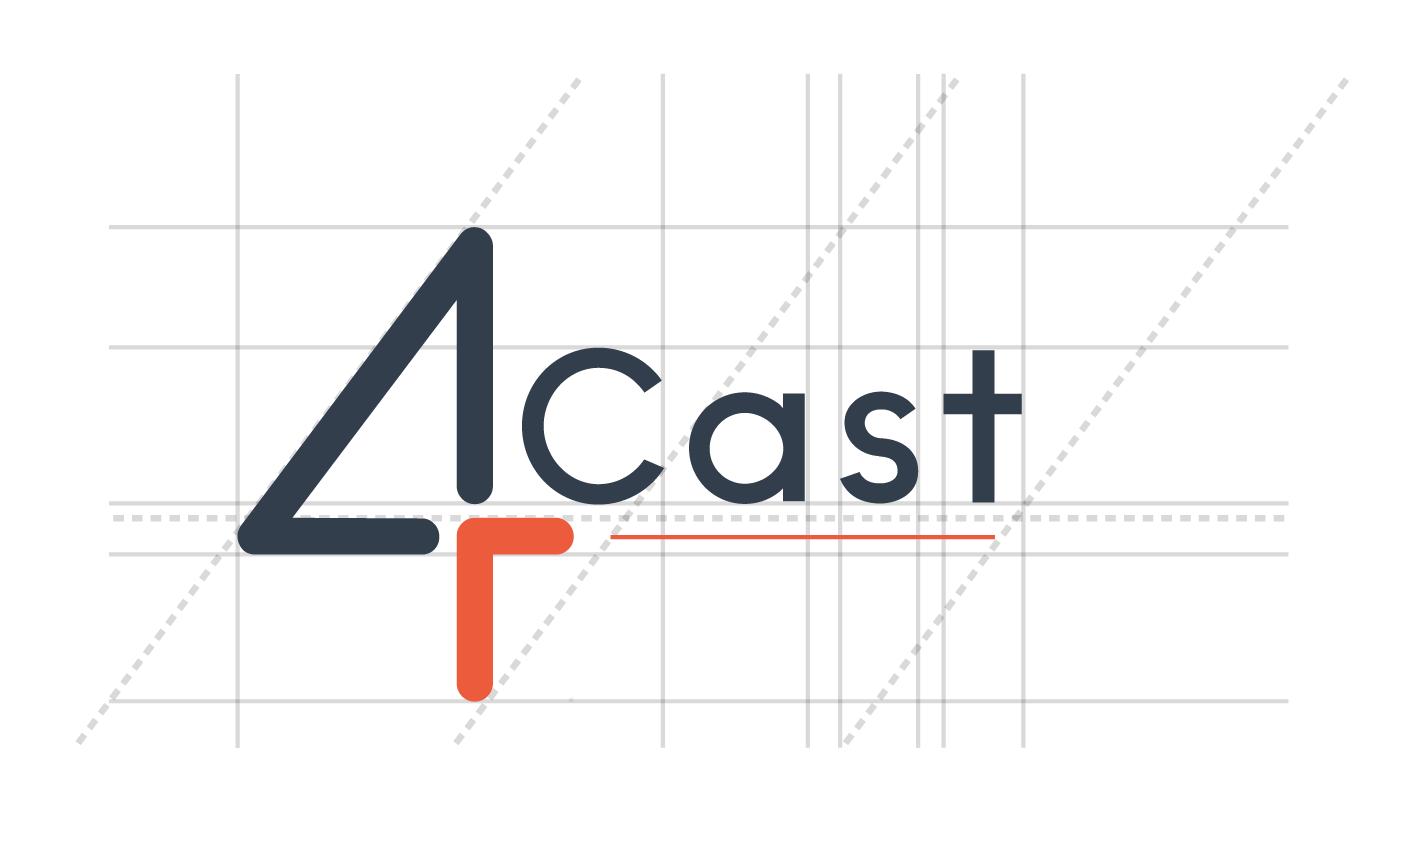 Logotype-Typographie